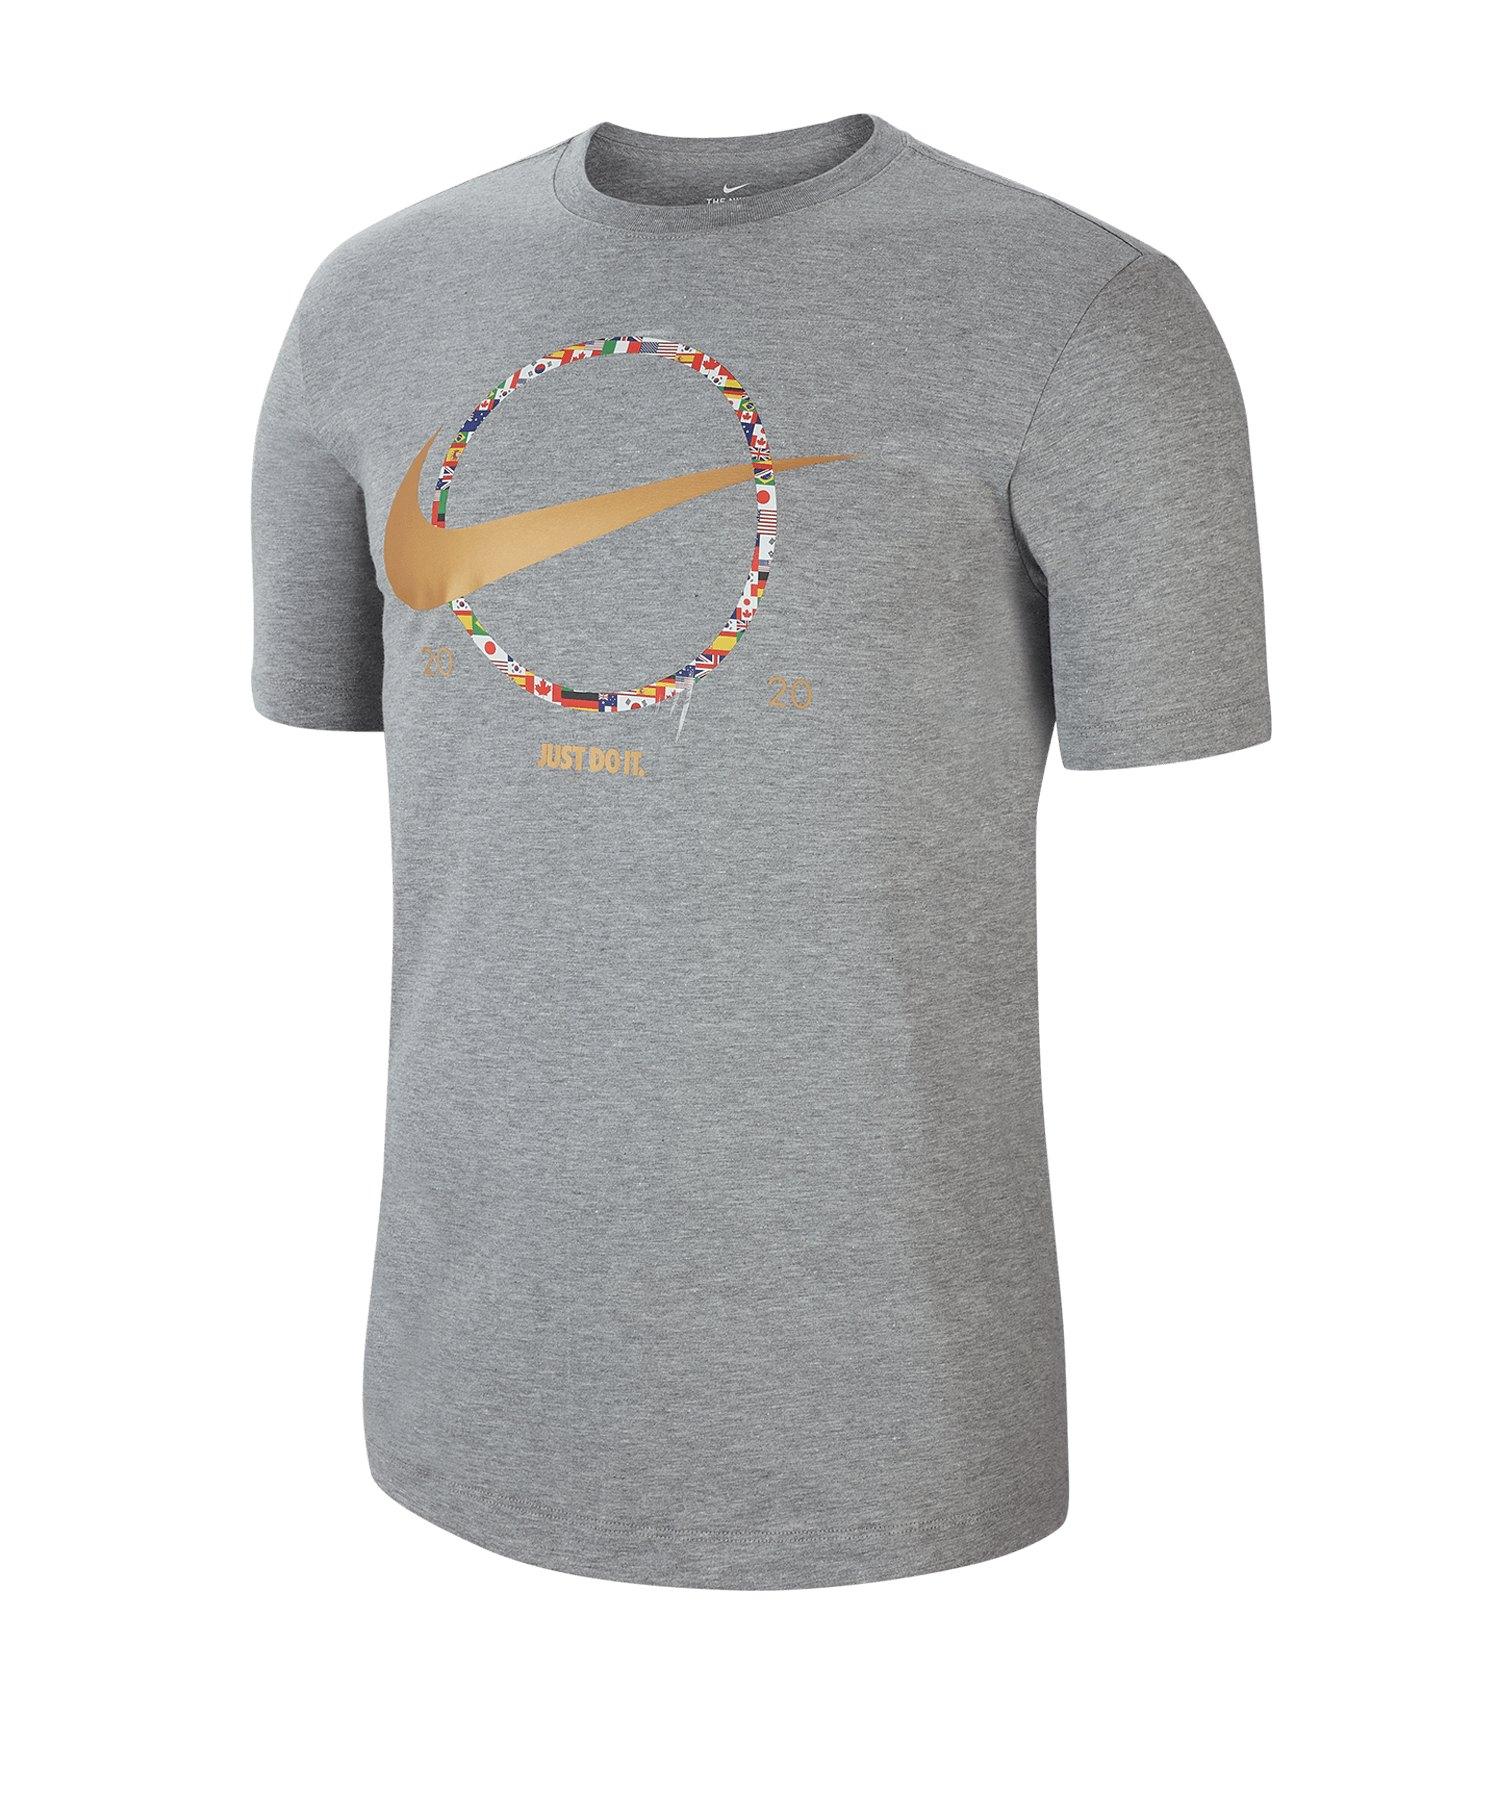 Nike Swoosh Preheat Tee T-Shirt Grau F063 - grau